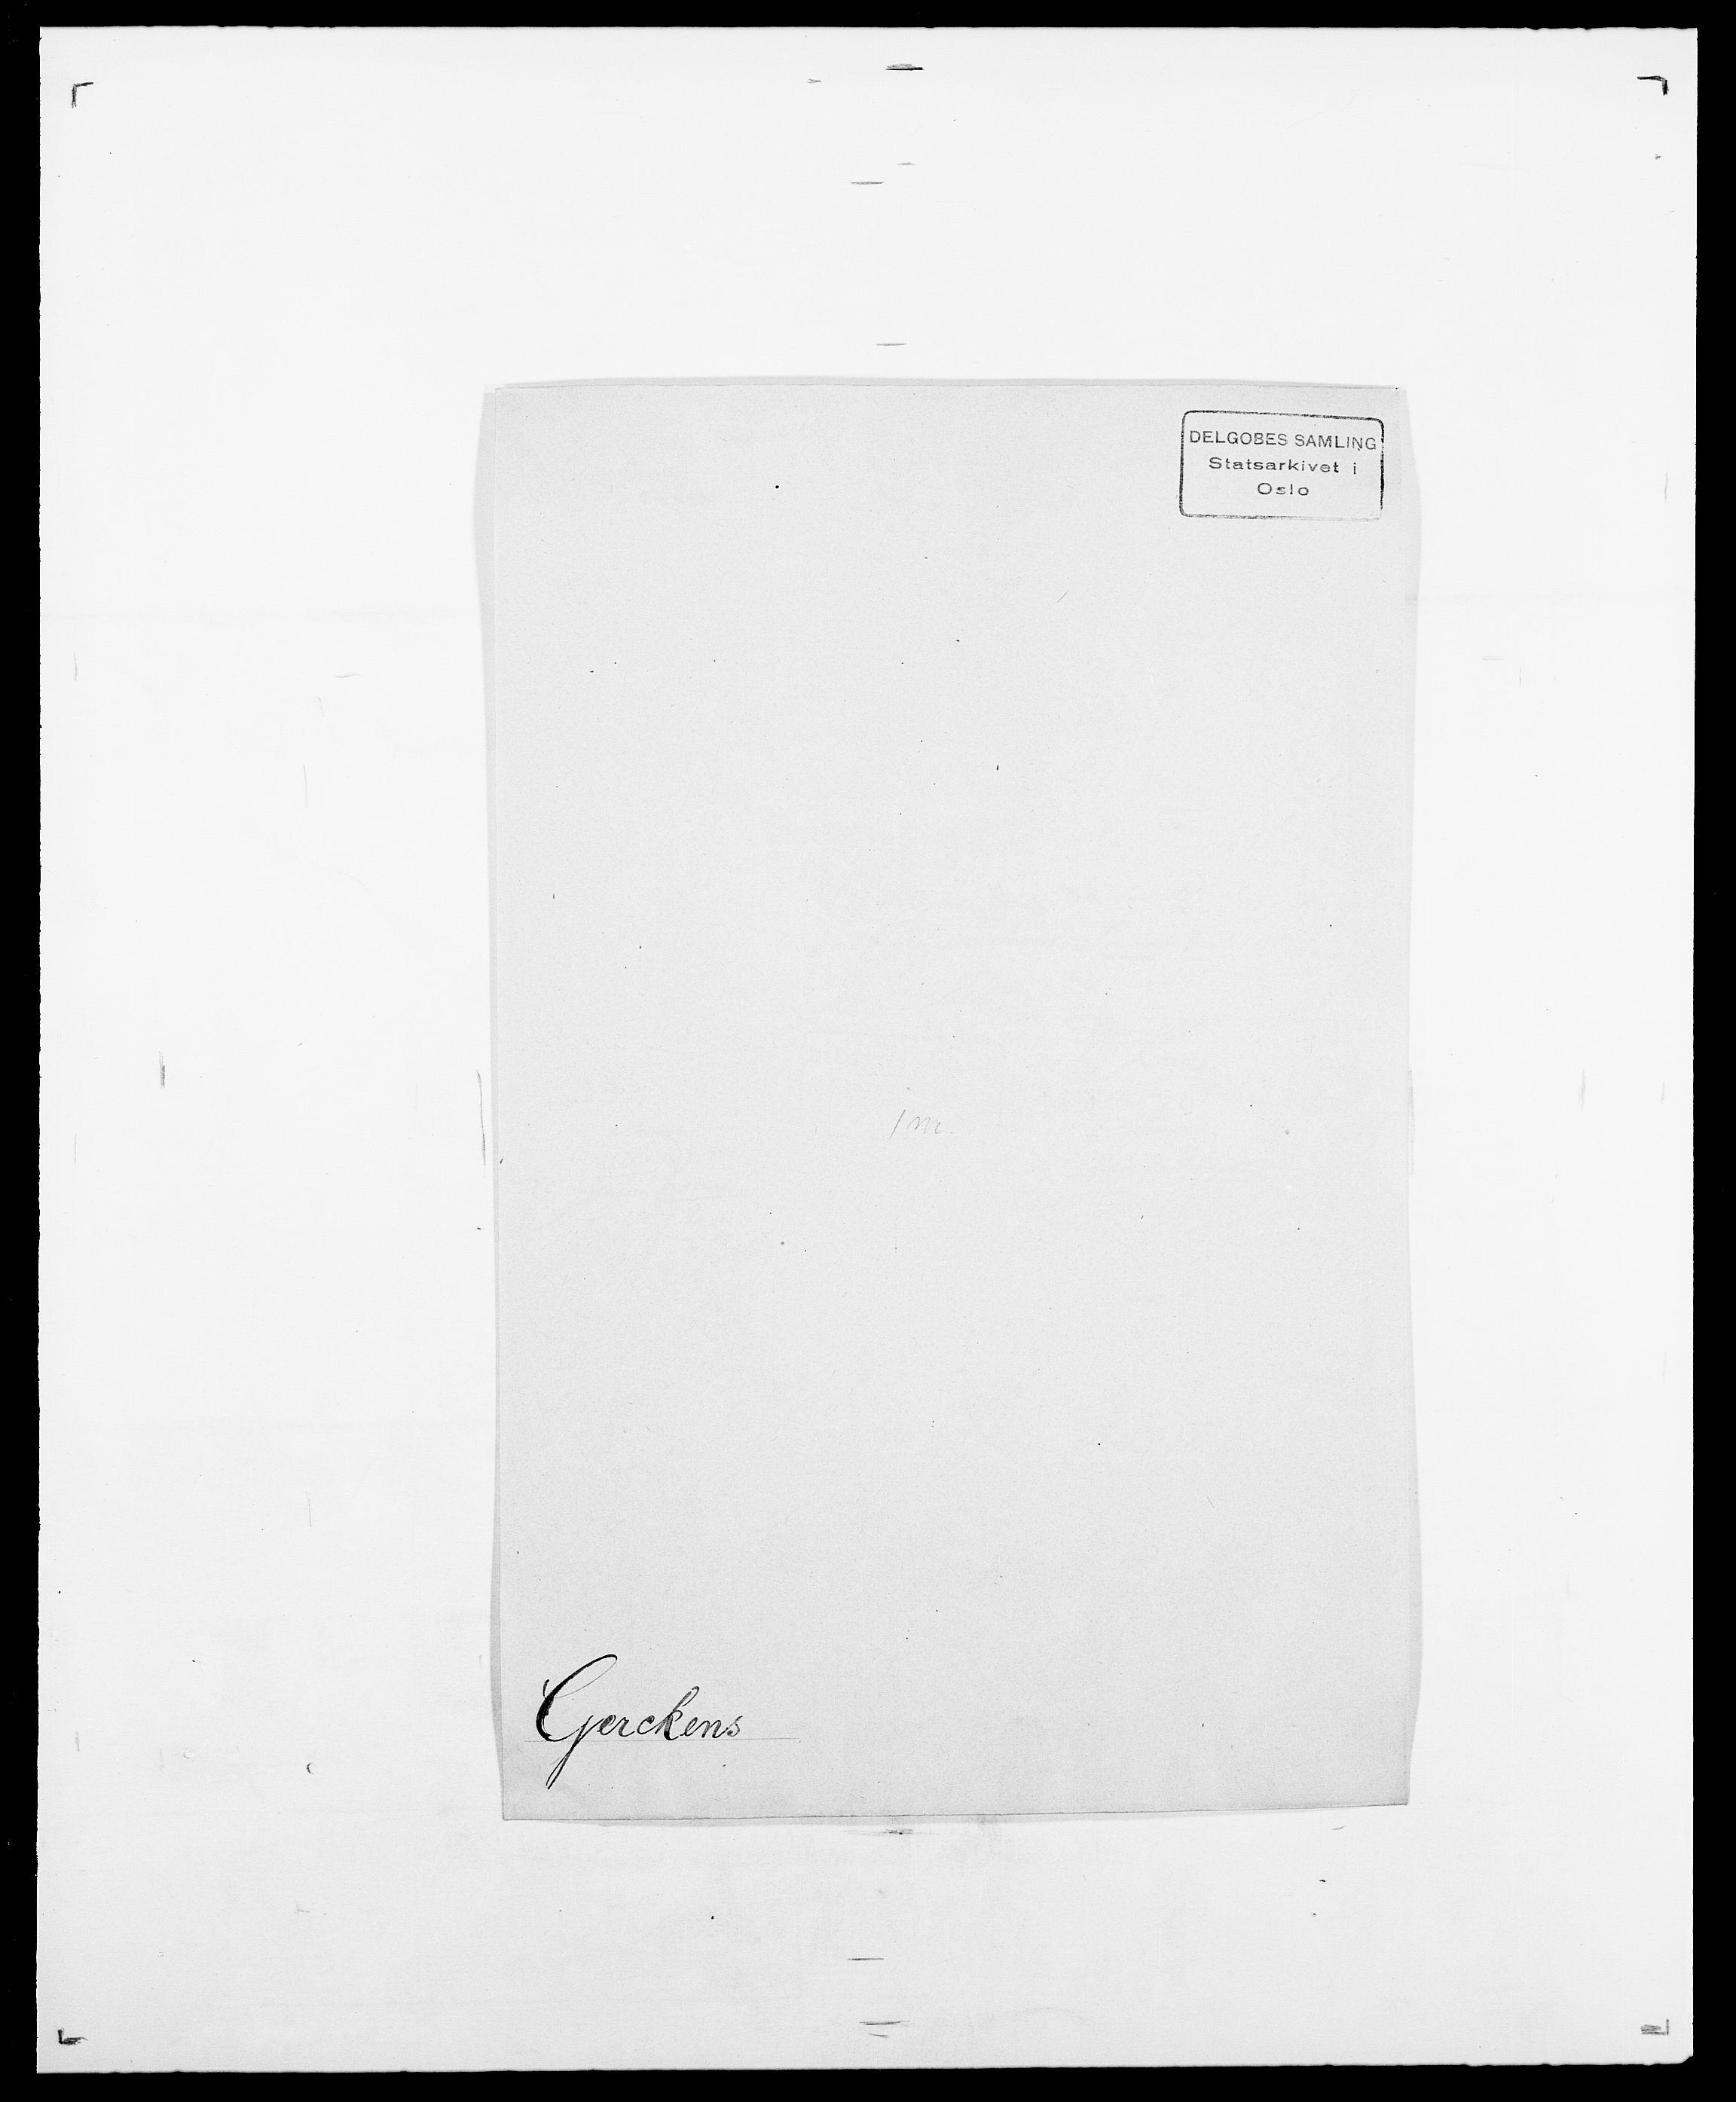 SAO, Delgobe, Charles Antoine - samling, D/Da/L0013: Forbos - Geving, s. 615